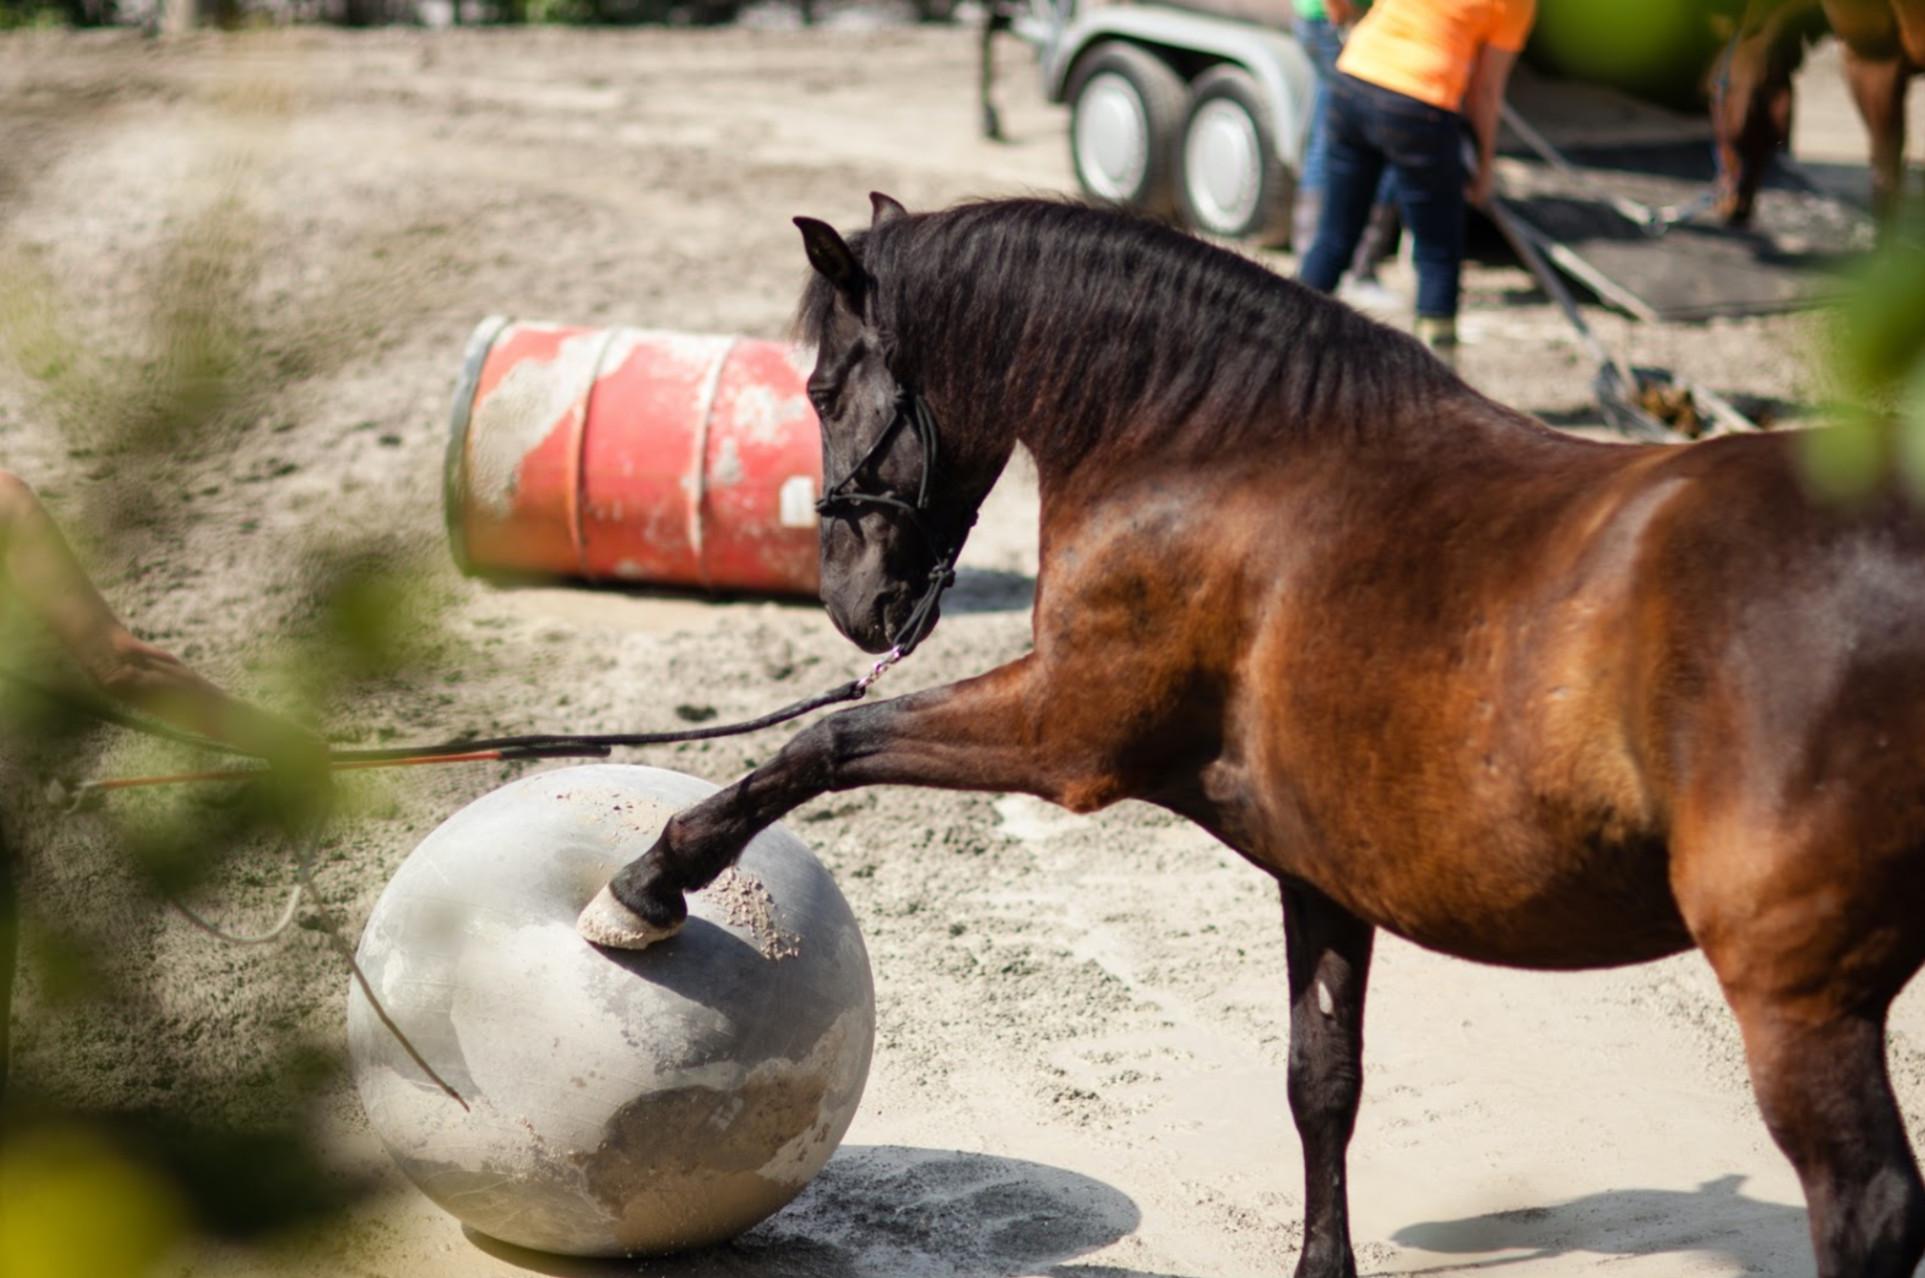 Schlechte Erfahrungen mit Pferden